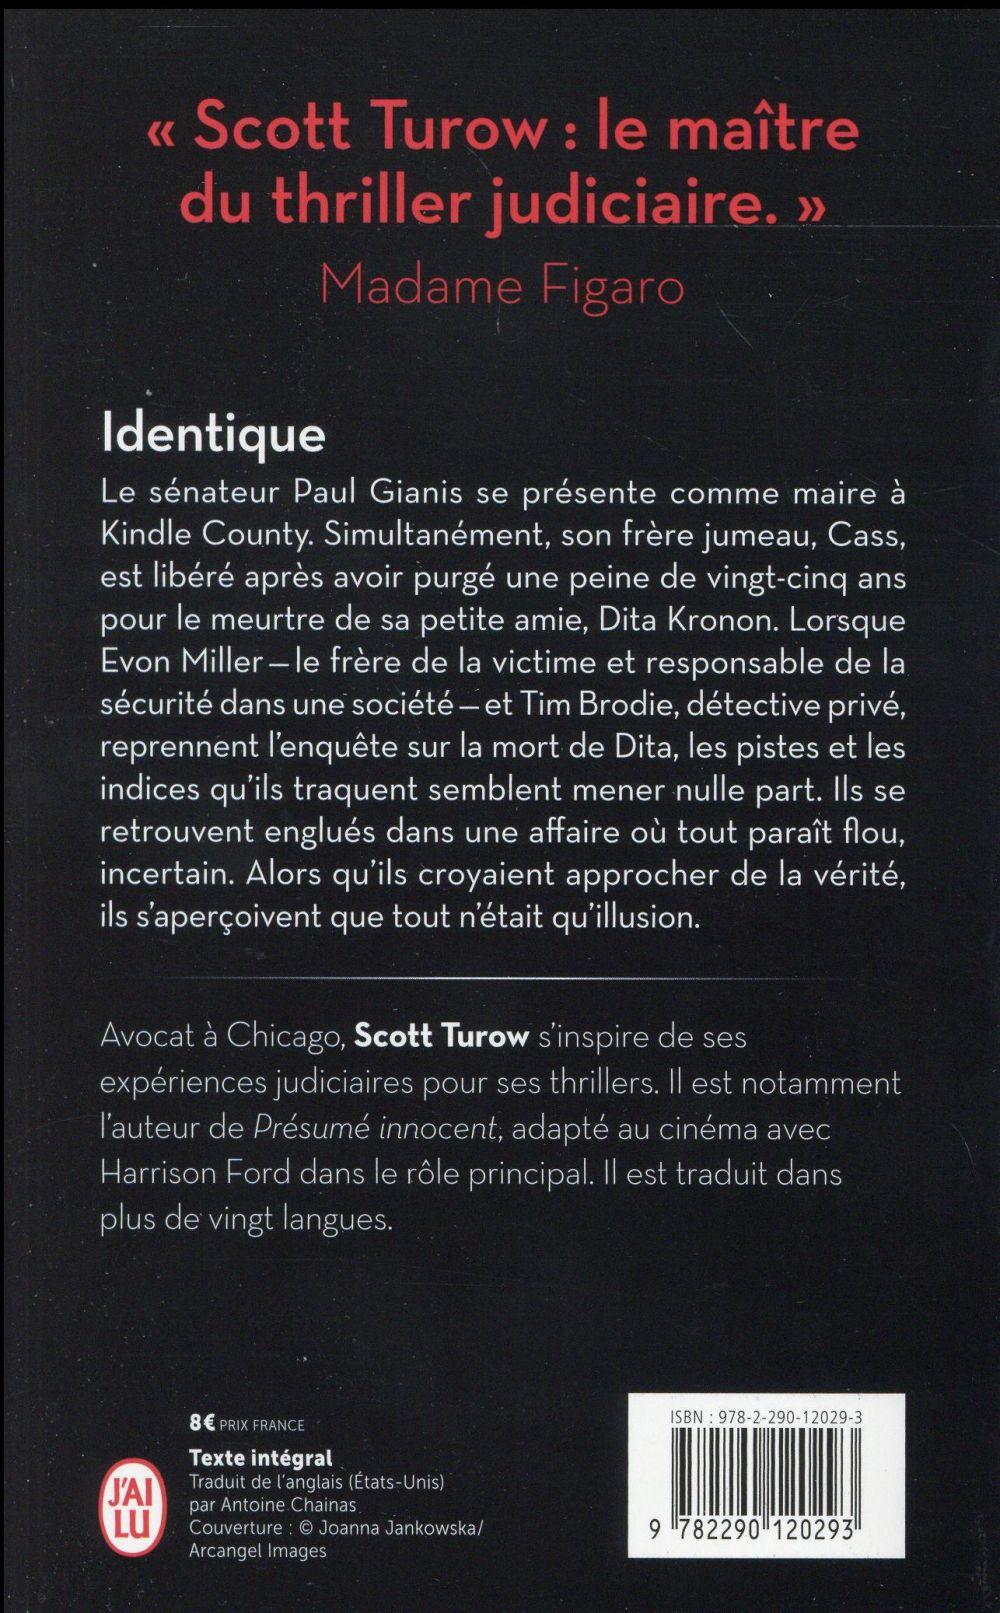 Identique